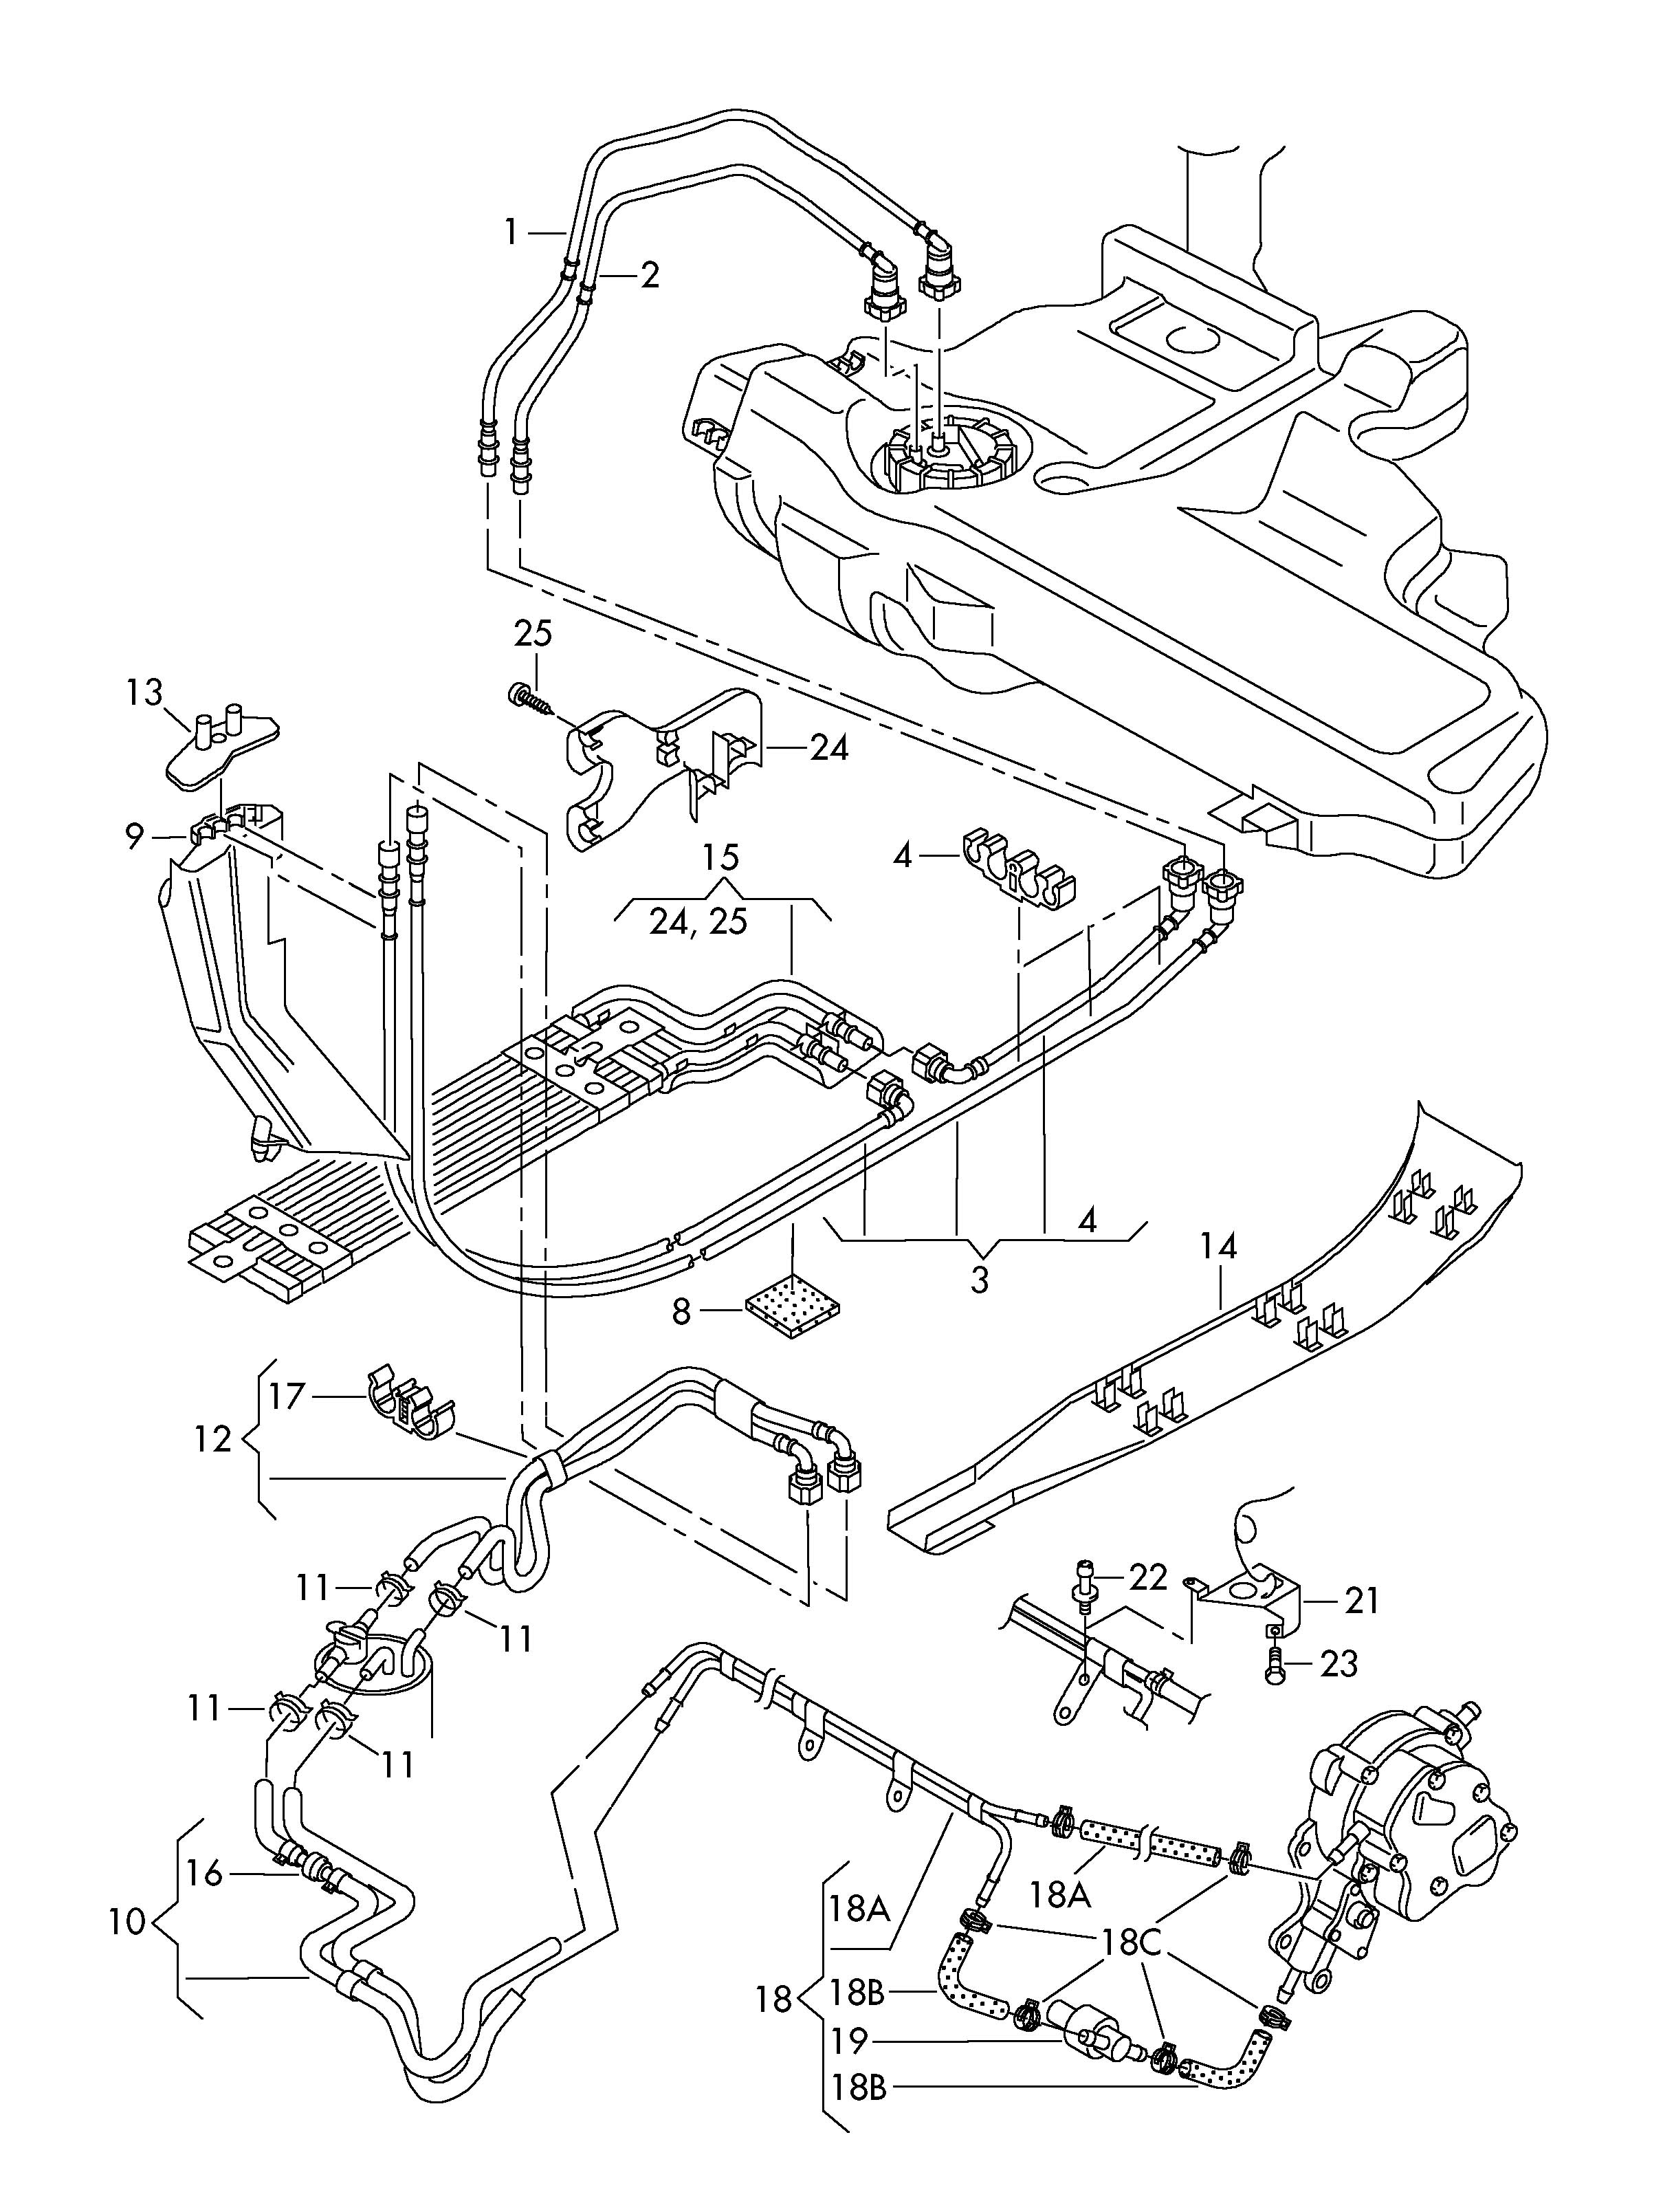 Direct online motor starter diagram additionally honda 2001 wiring diagram besides 1978 corvette blower motor location